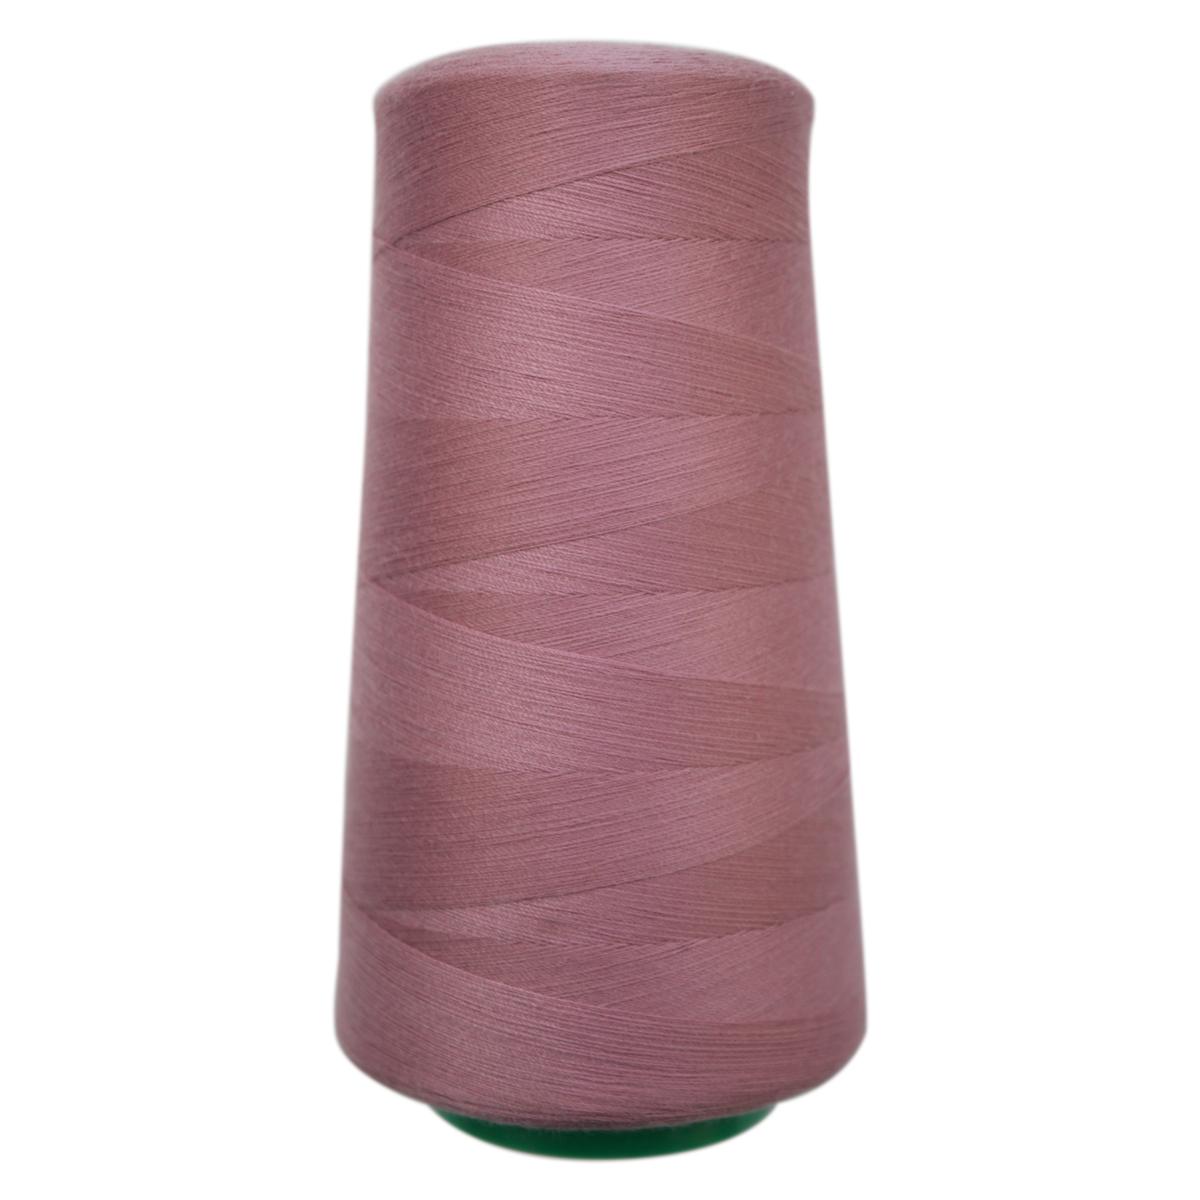 Нитки для шитья Bestex 50/2, 5000 ярд, цвет: грязно-розовый (037)7700936-037Сфера использования: трикотаж; ткани малого веса; оверлочные швы; отделка краев; вышивка. Размер игл №70-80